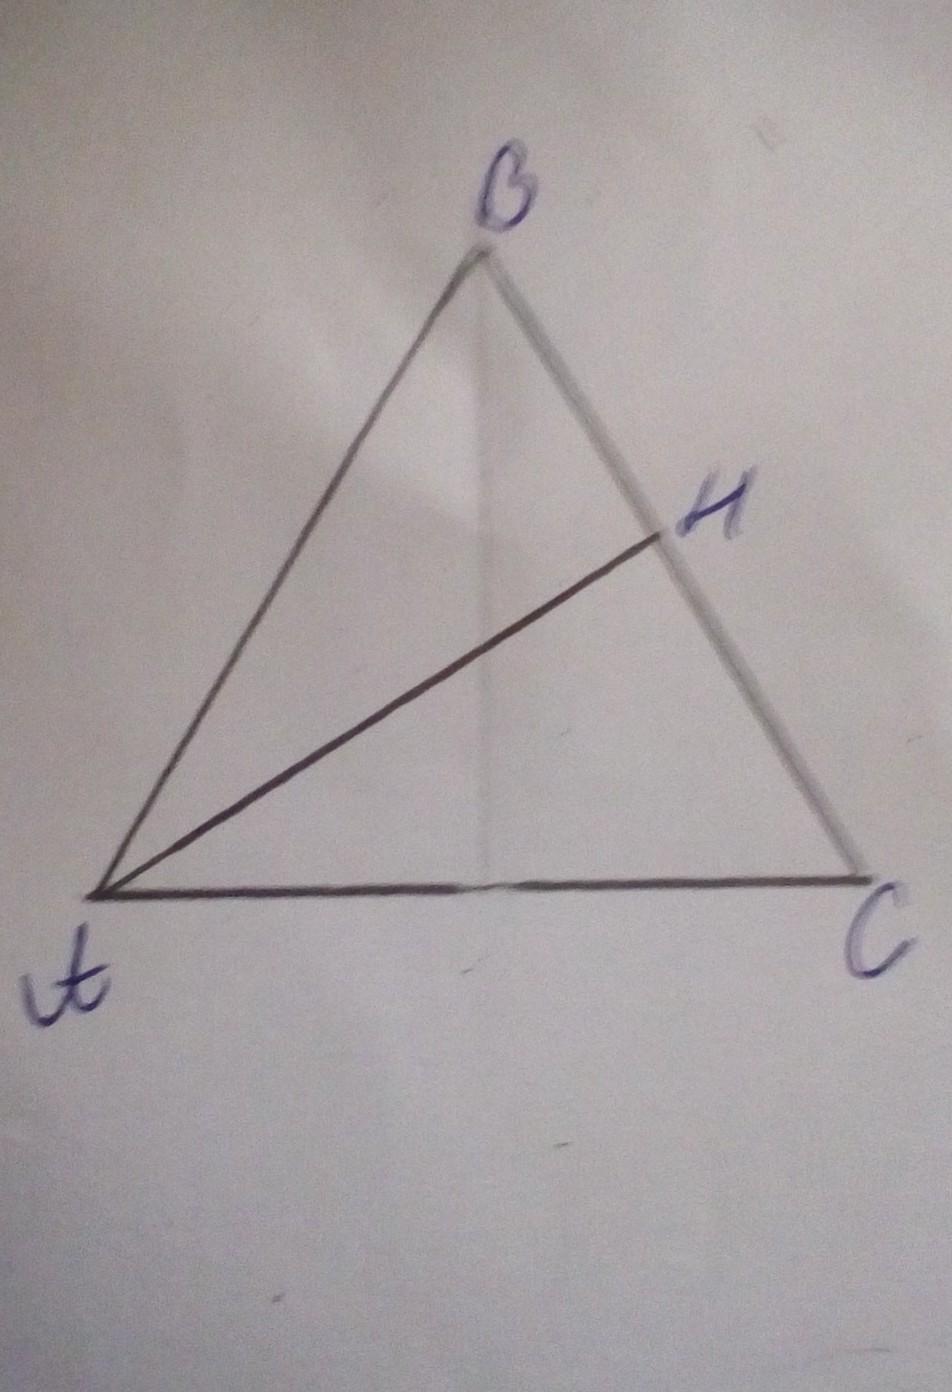 В равнобедренном треугольнике высота проведенная к